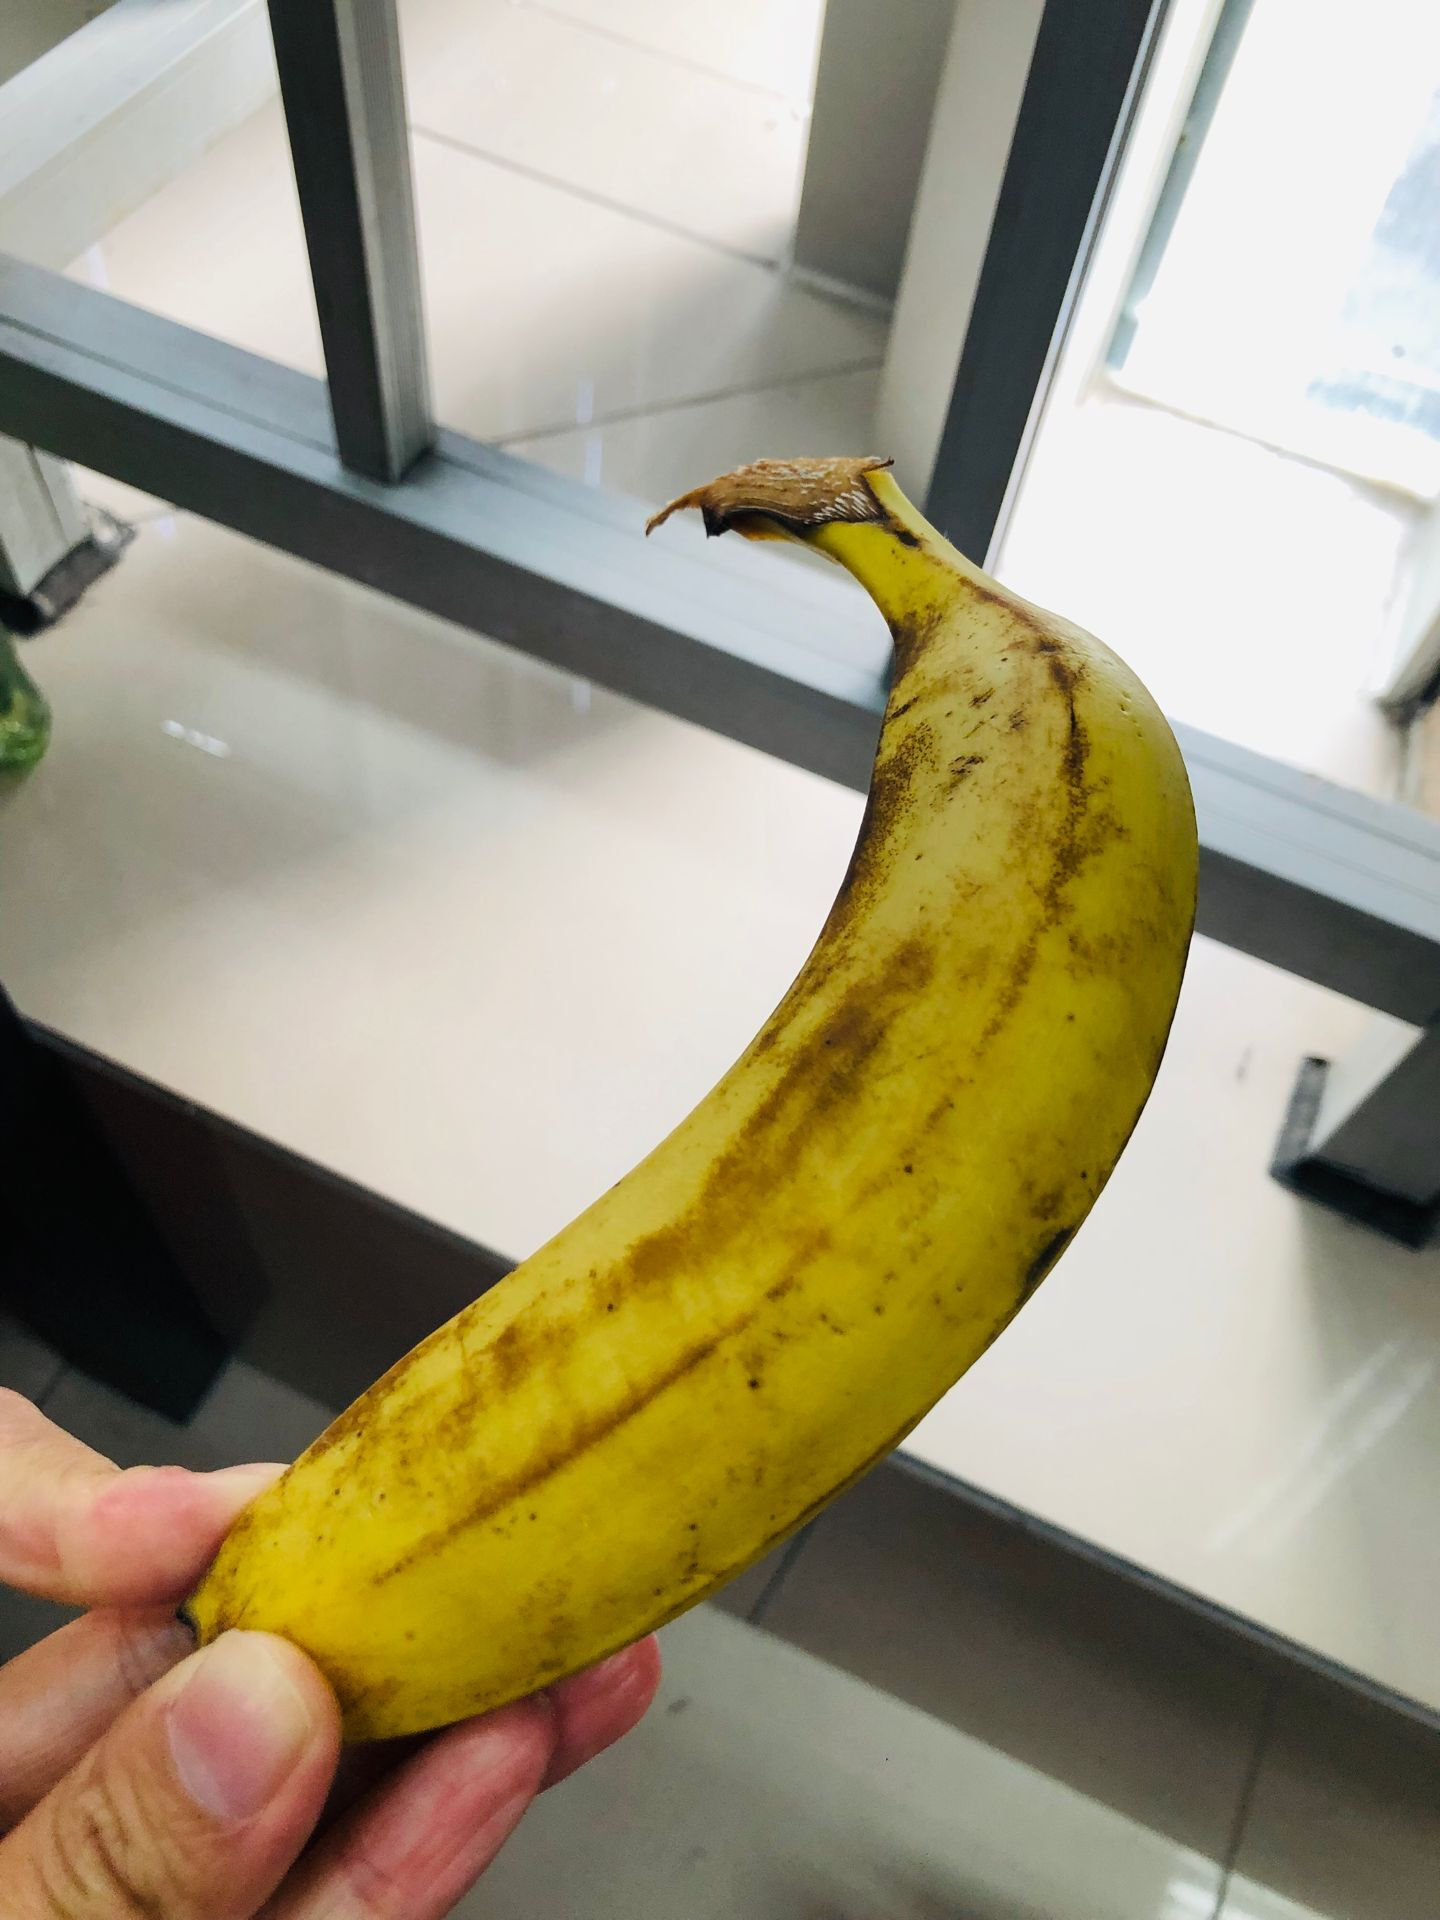 方便面补万物 香蕉锡纸保鲜?抖音小妙招并非都妙